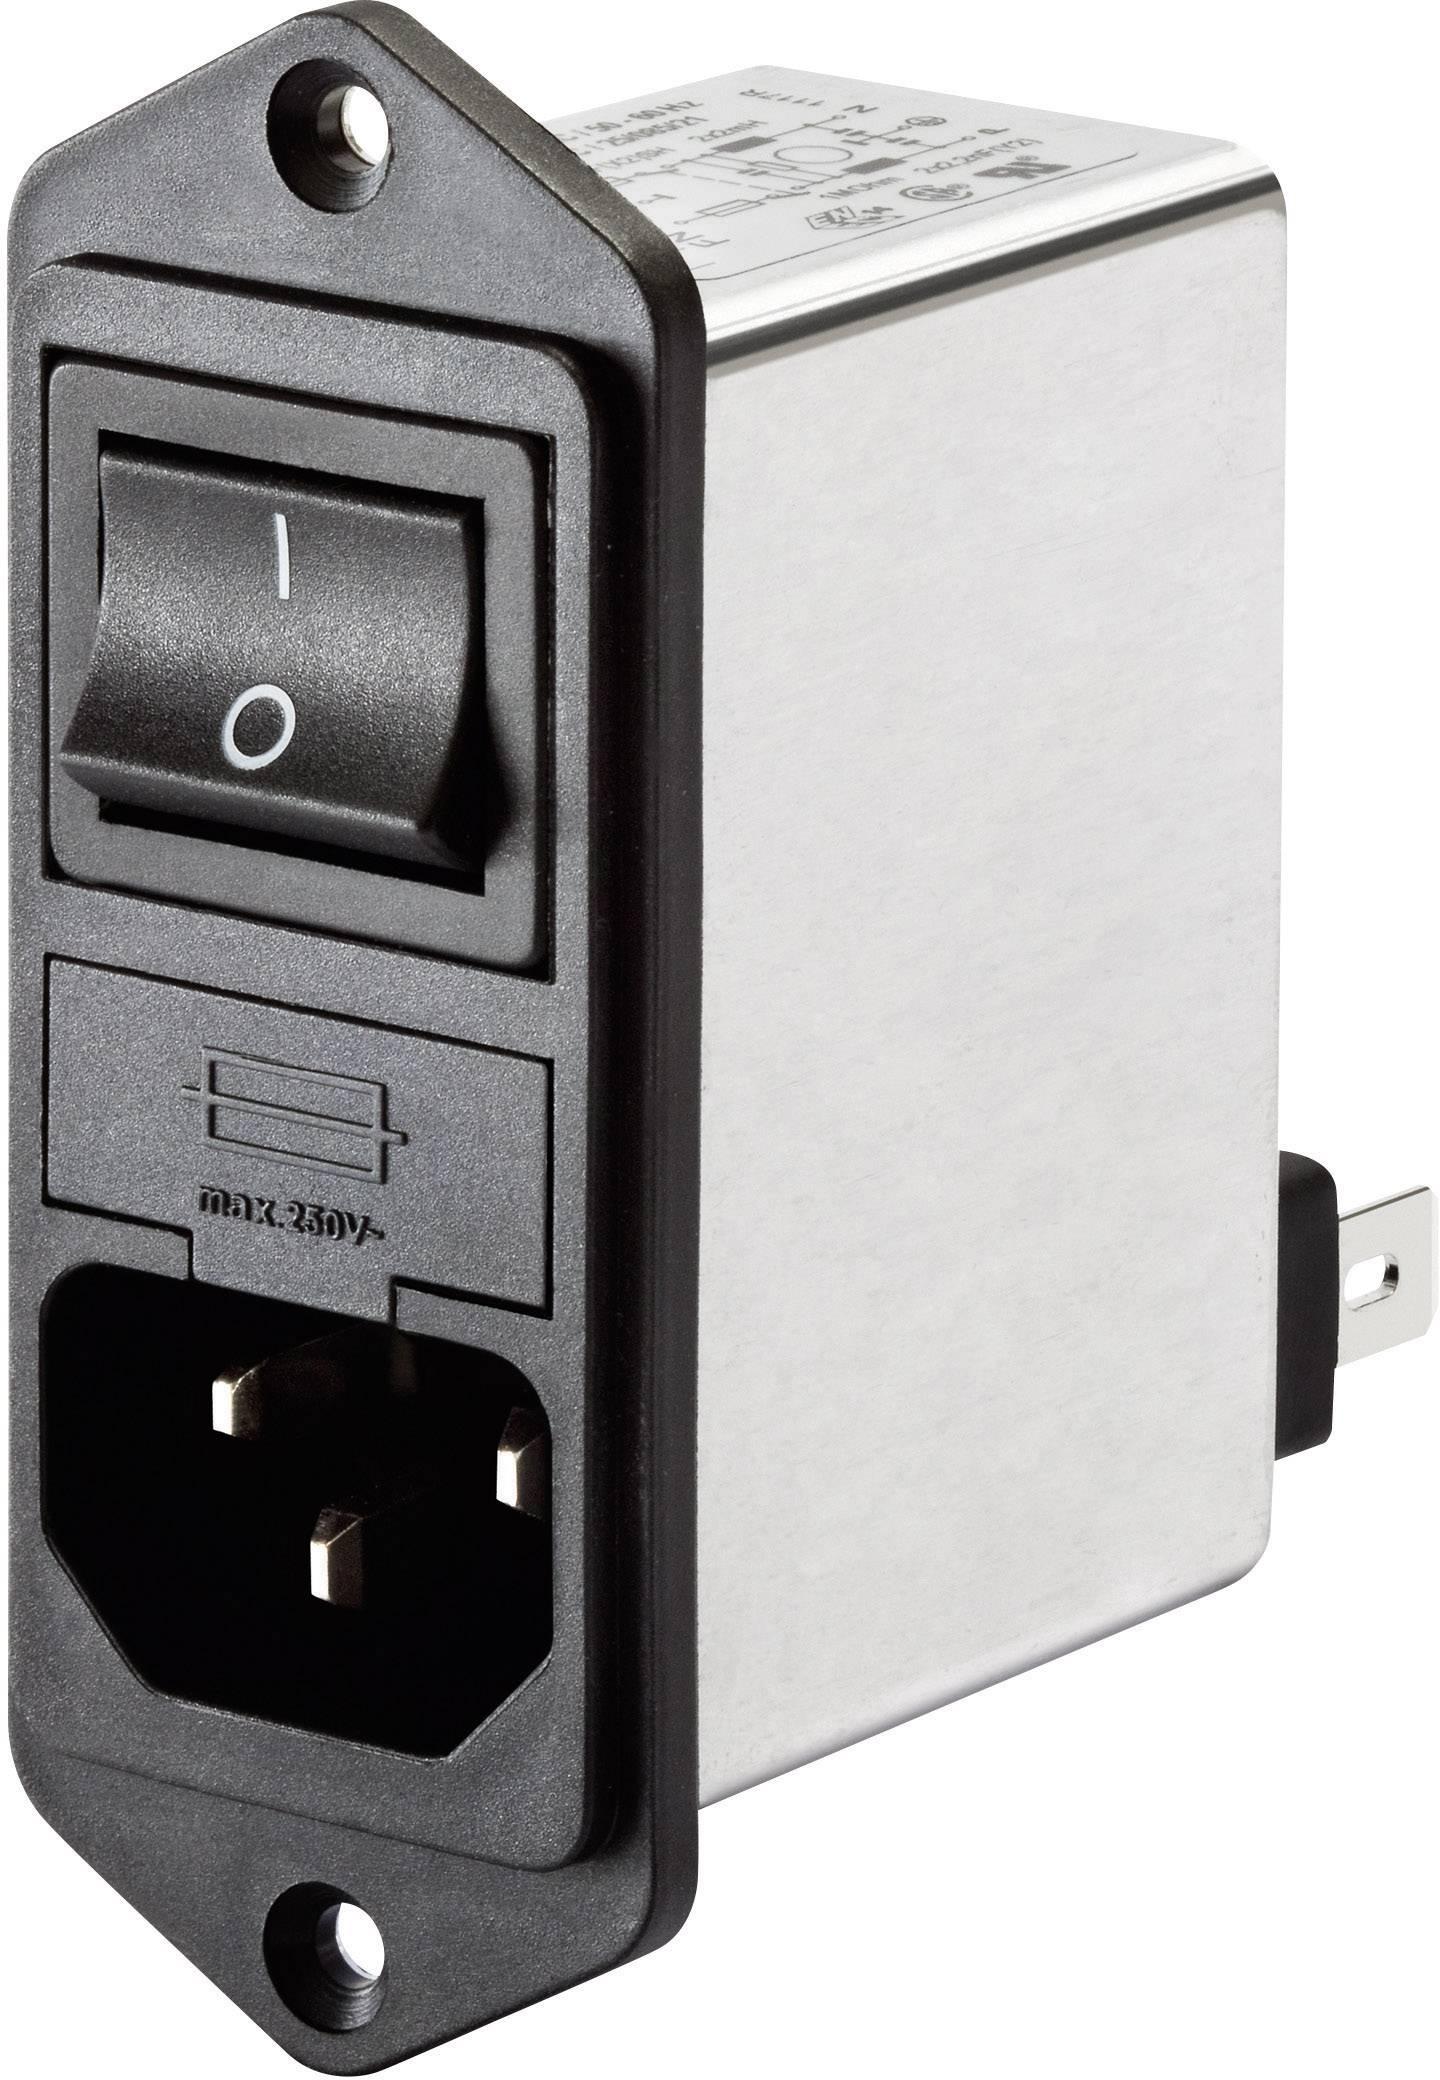 Sieťový filter Schaffner FN 282-1-06 FN 282-1-06, so spínačom, s IEC zásuvkou, 250 V/AC, 1 A, 7.5 mH, 1 ks